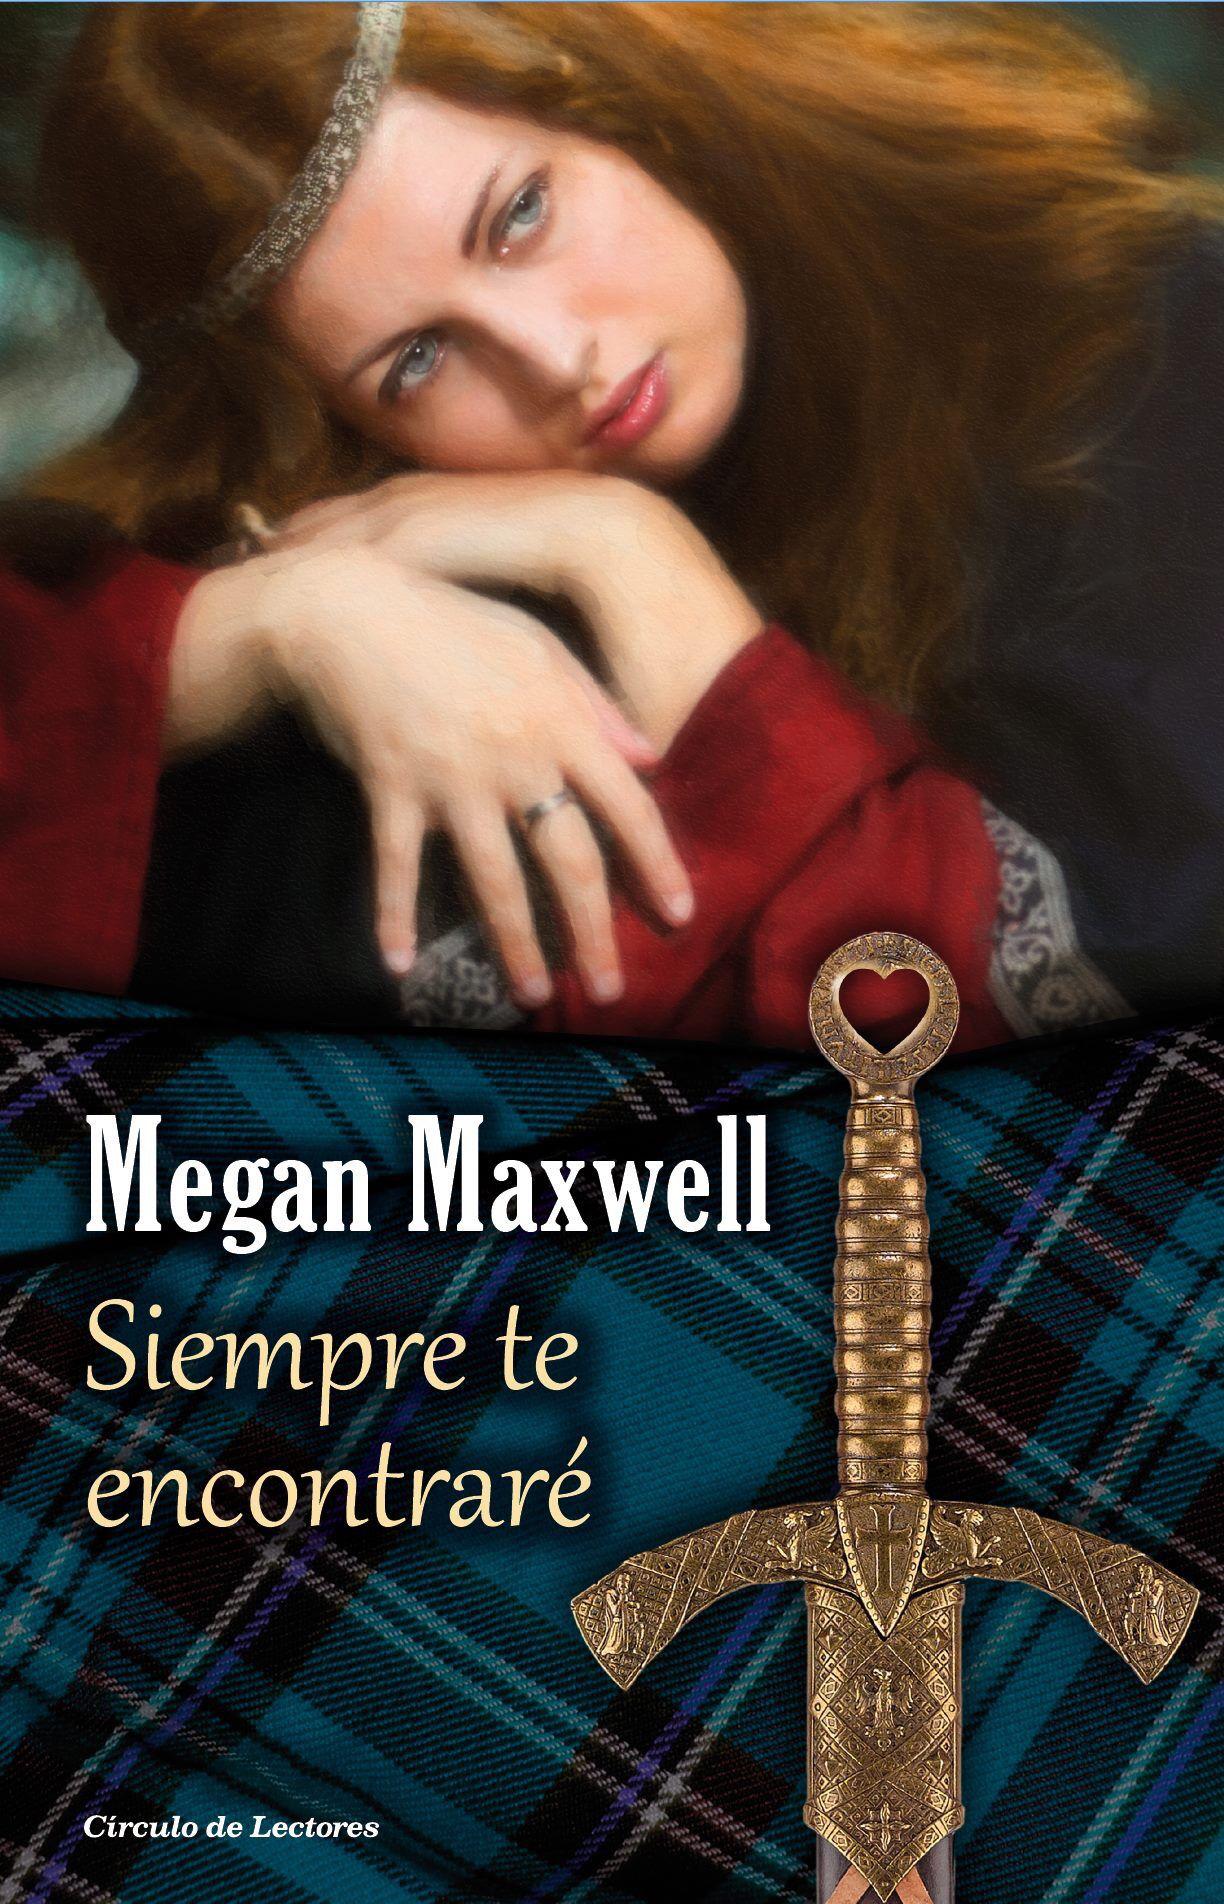 Pin De Pilar Farriol En Libros Megan Maxwell Libros Libros De Osho Libros Romanticos